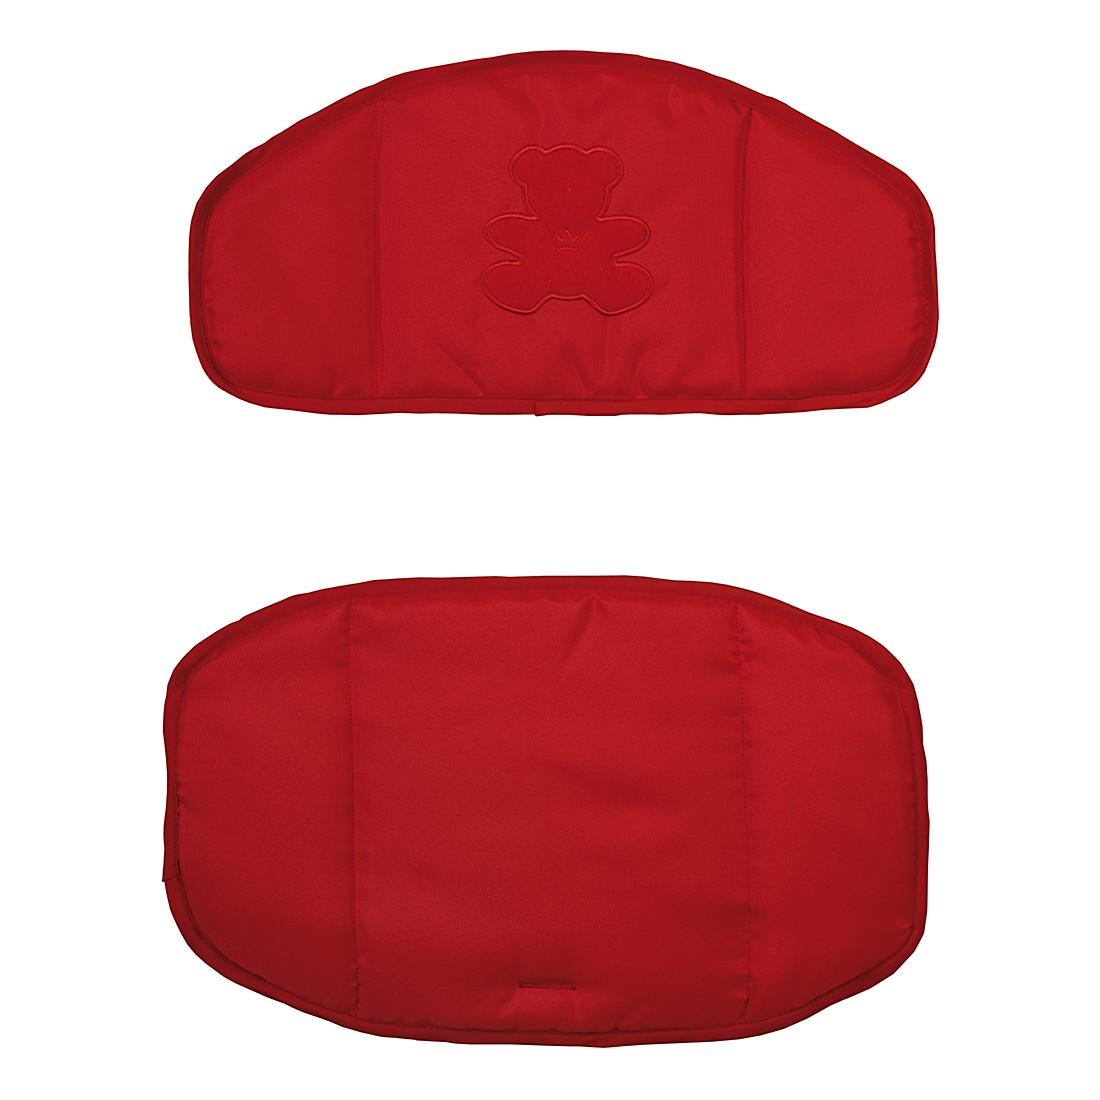 Home 24 - Coussin réducteur de siège bärchen (2 éléments) - rouge, roba